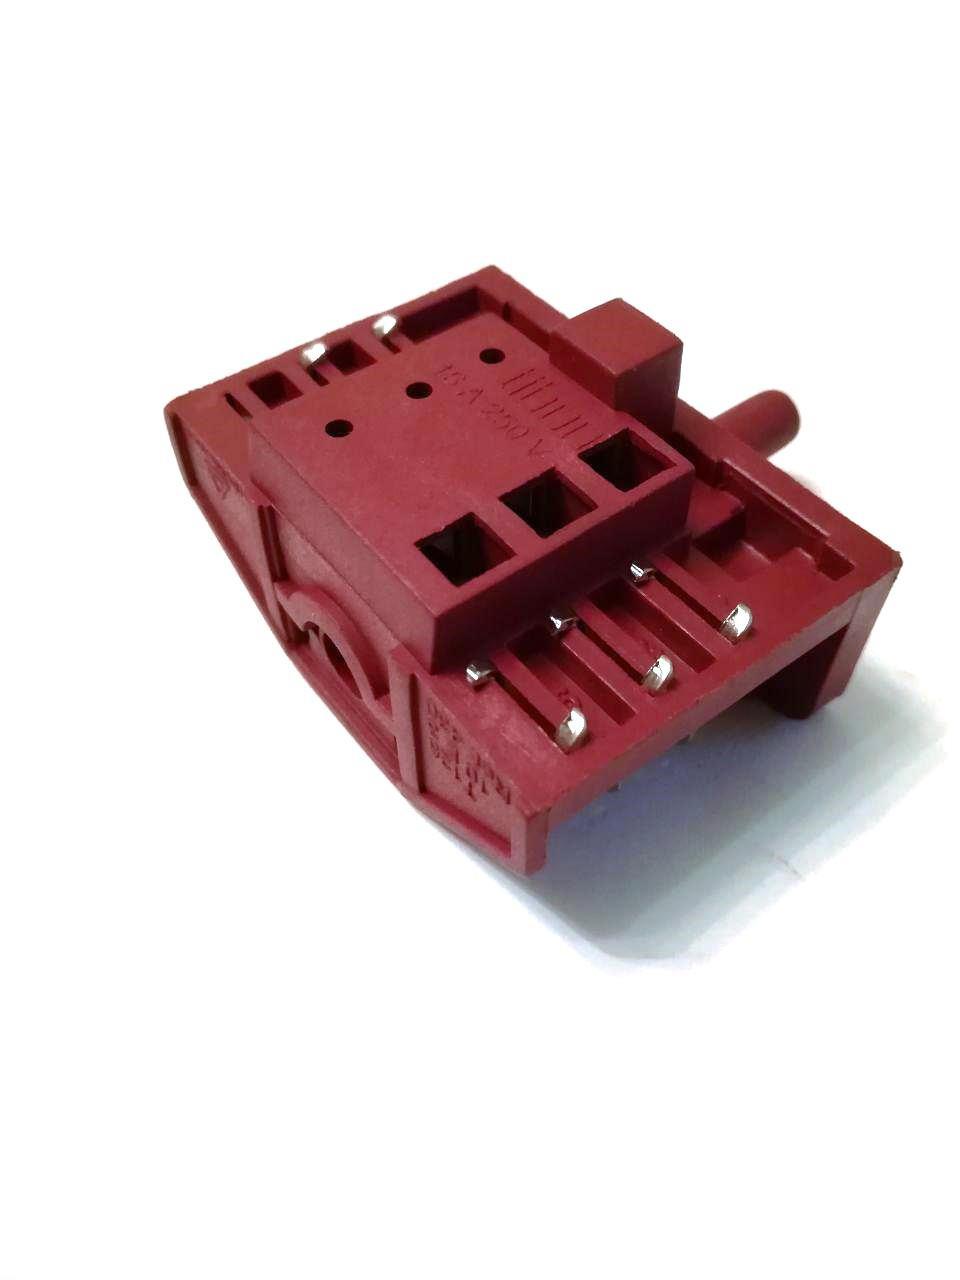 Переключатель 5-ти позиционный Tibon 430 / 250V / 16A / T125 для электроплит и духовок / Турция